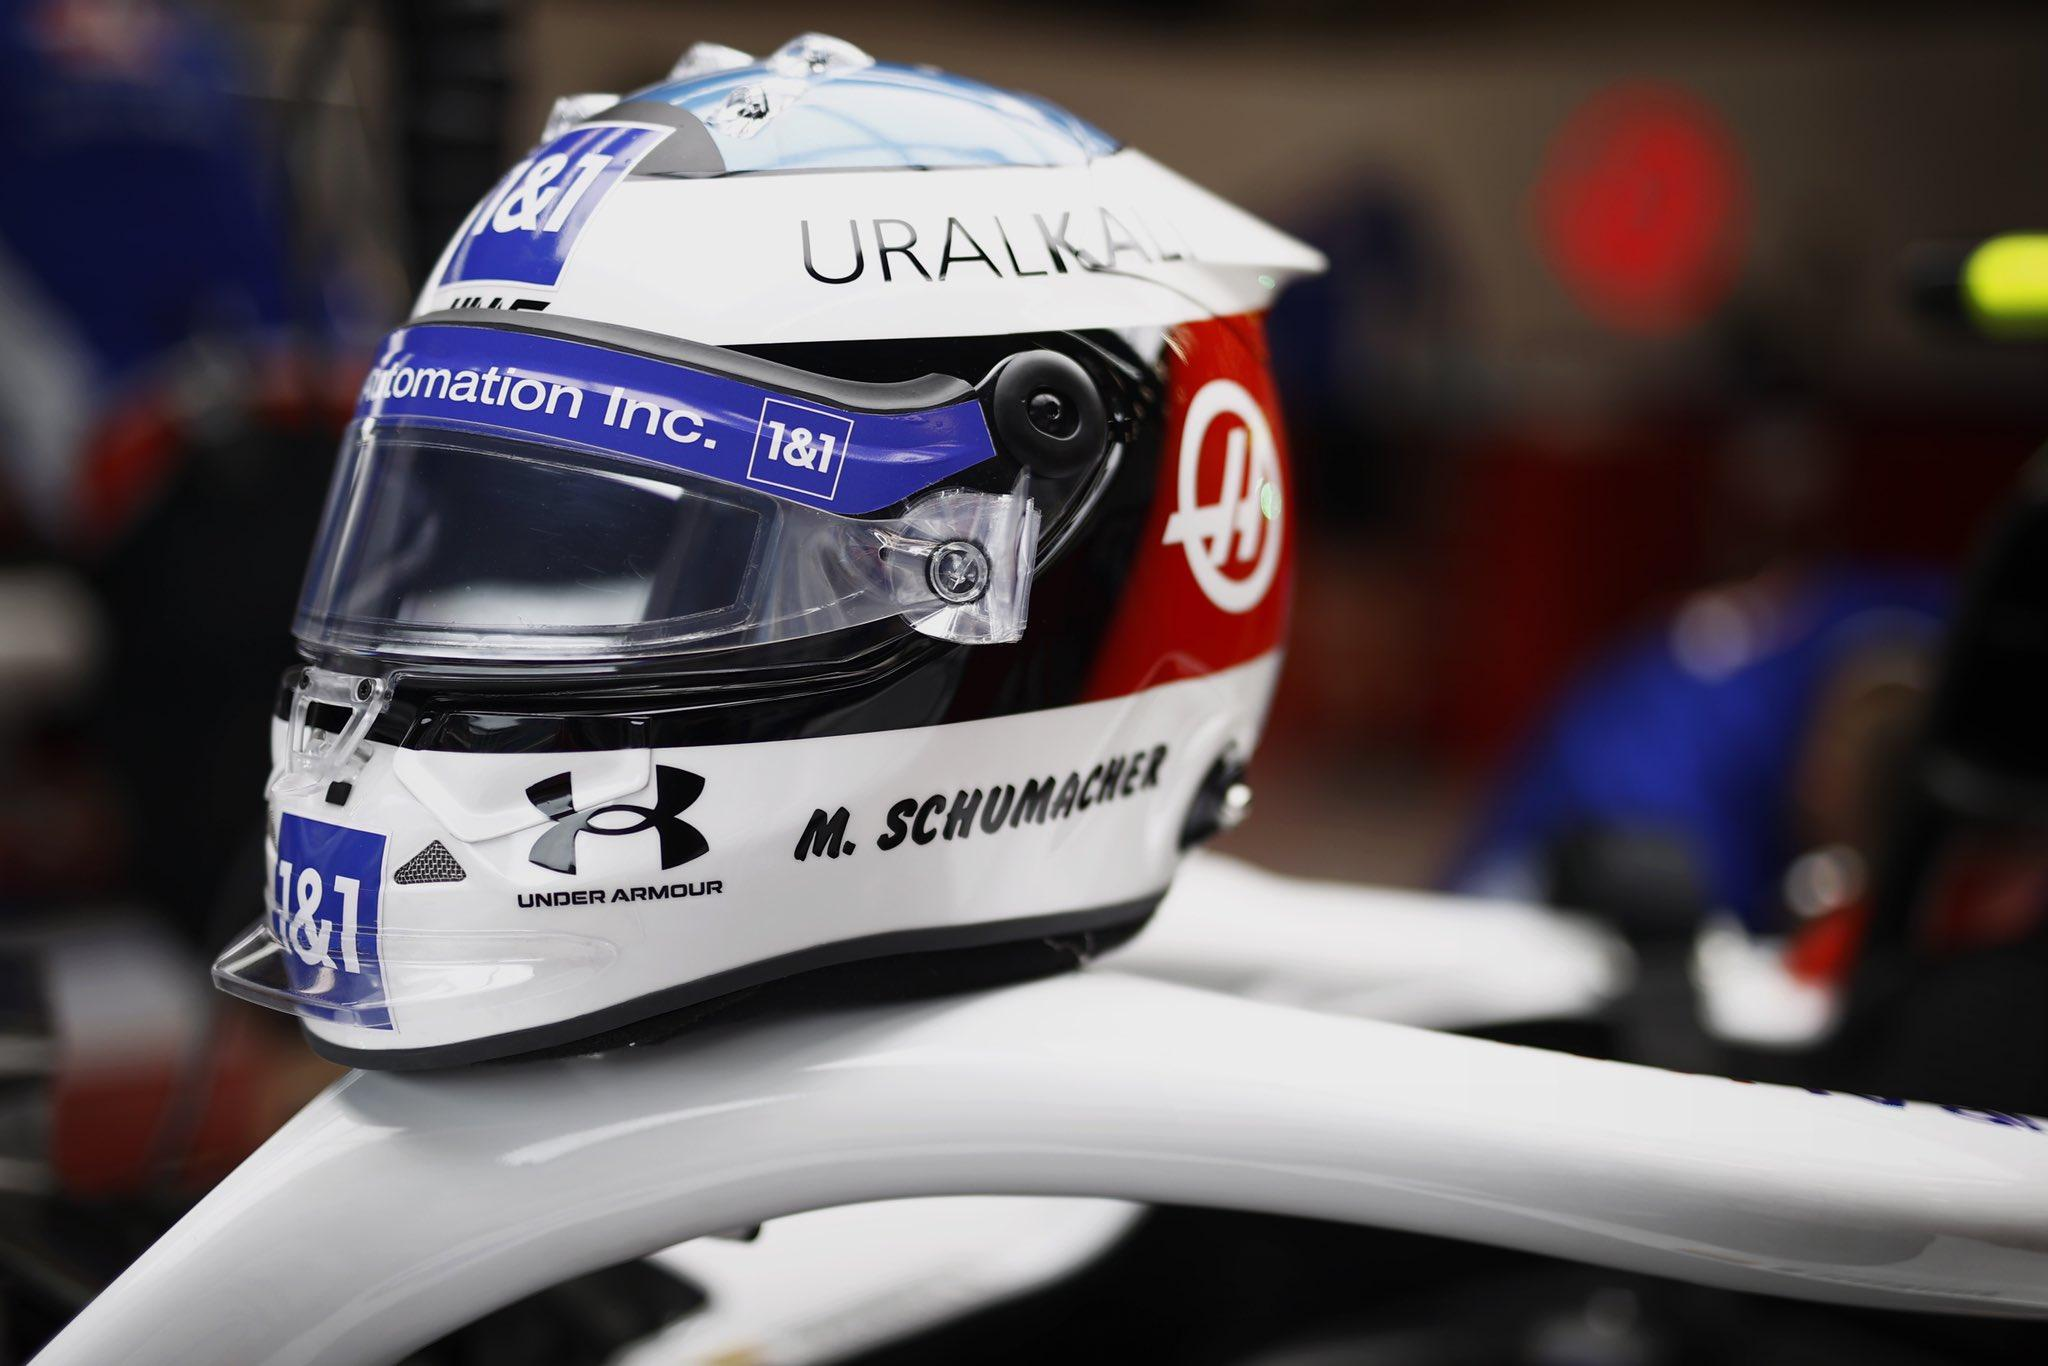 Preview of Mick Schumacher - 2021 Belgium GP Tribute Helmet by Tyler Swartz2